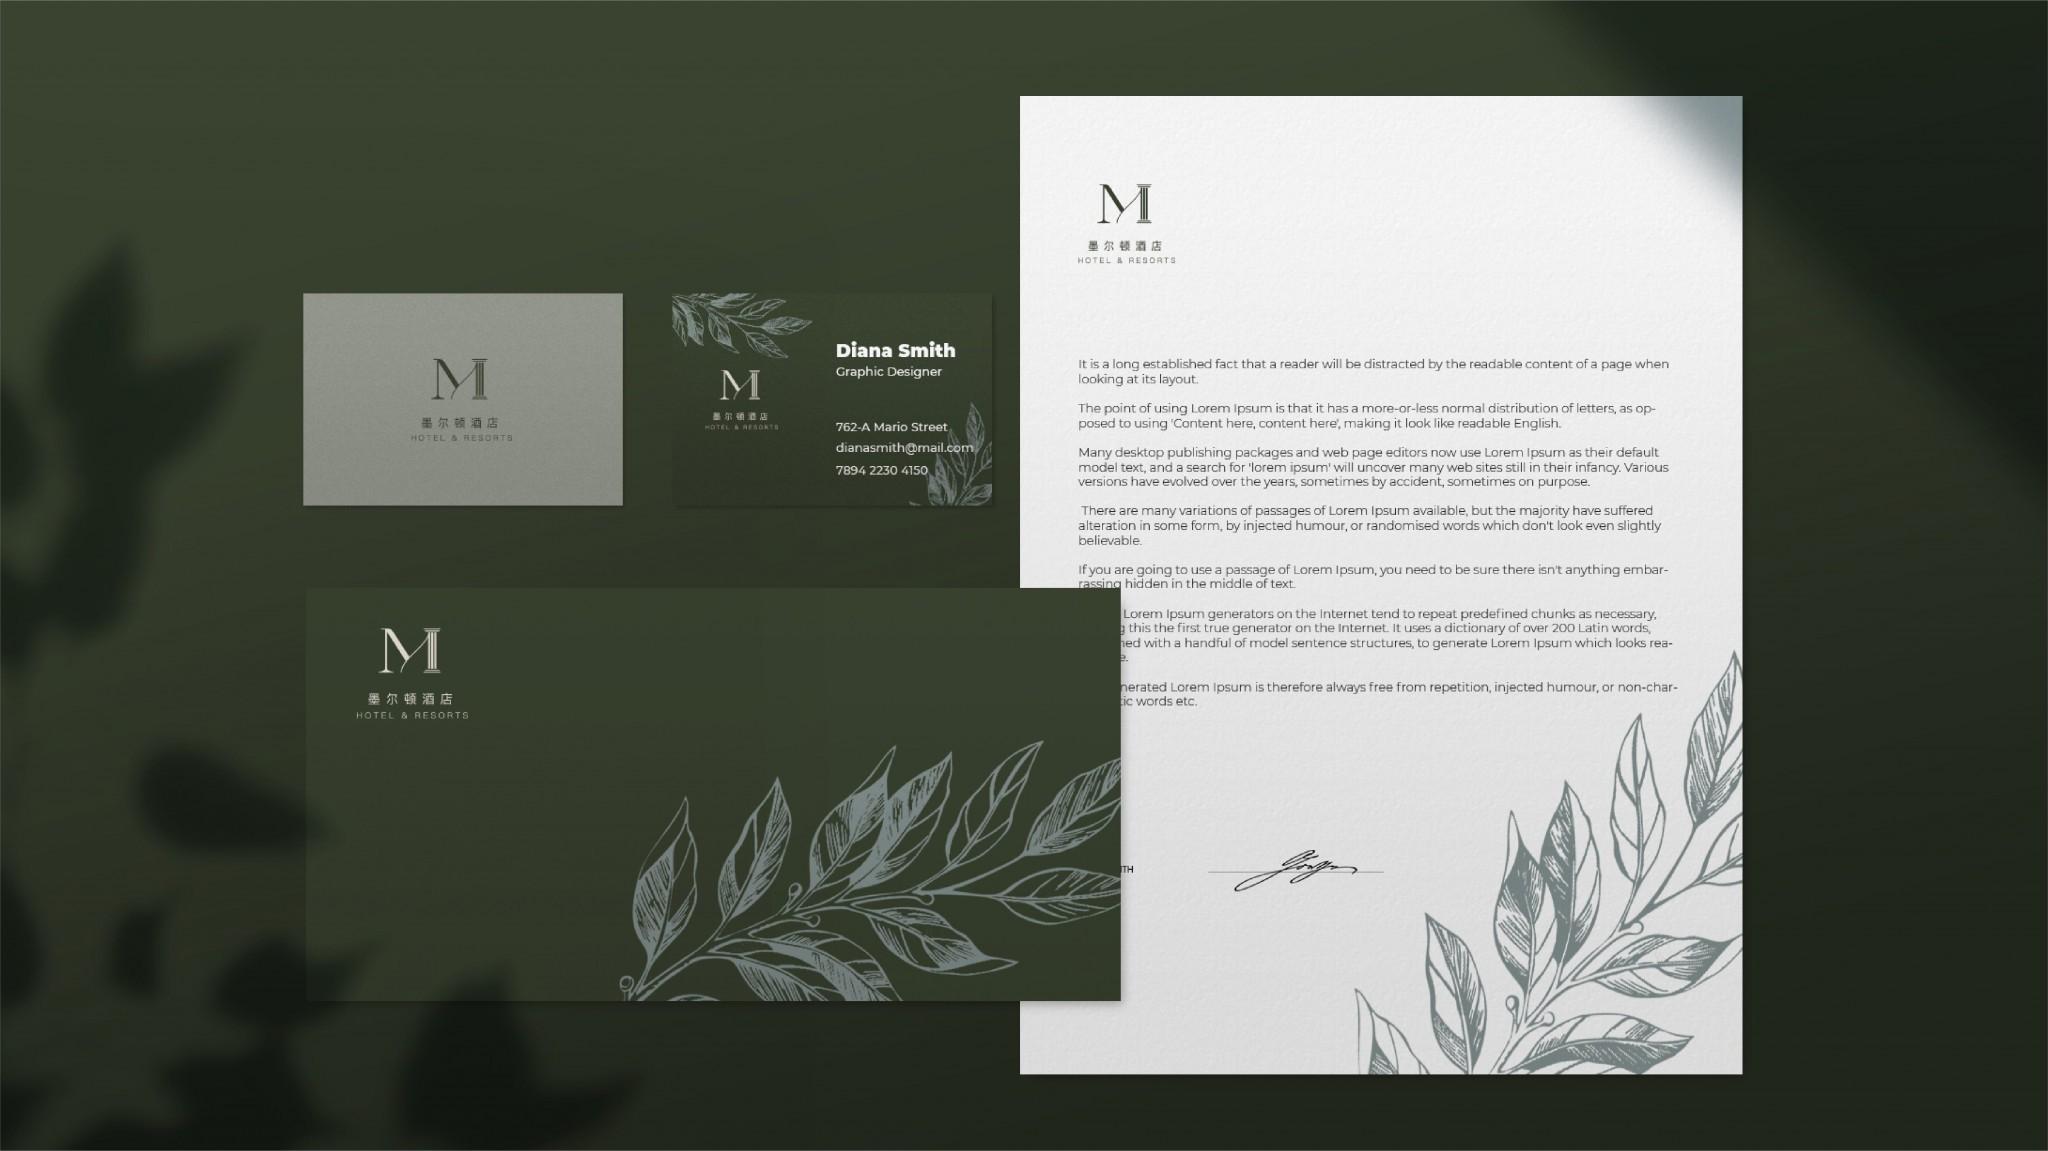 度假酒店品牌设计-墨尔顿f5a64b8ccad25034d119a740597e1433